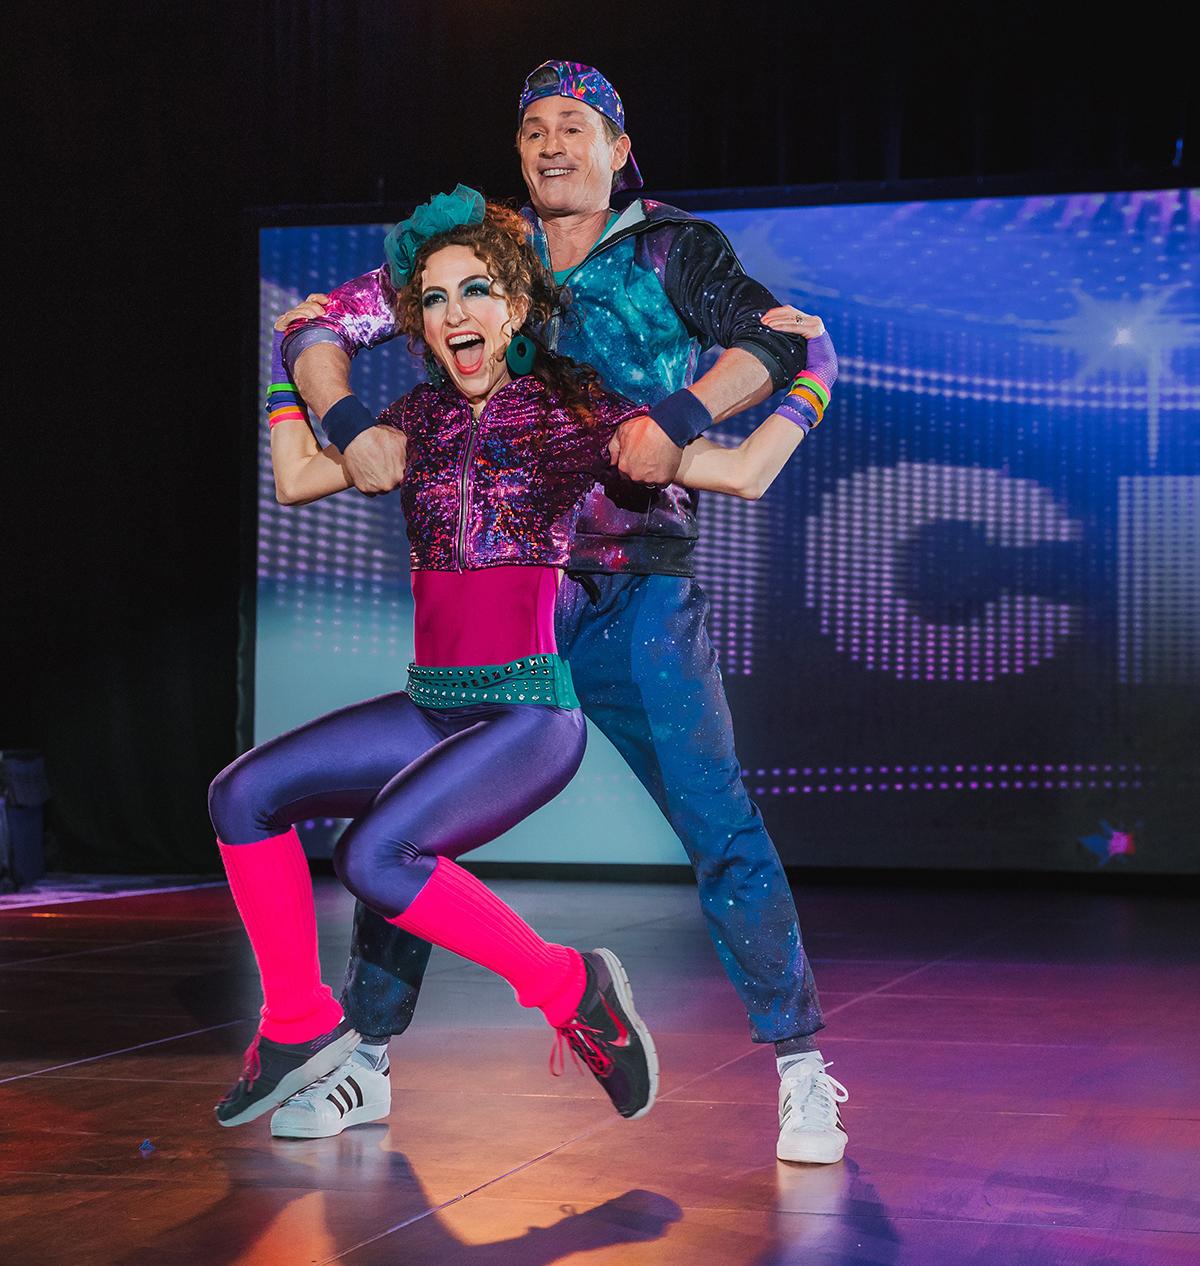 Mitch Gaylord and Sarah Vasilas